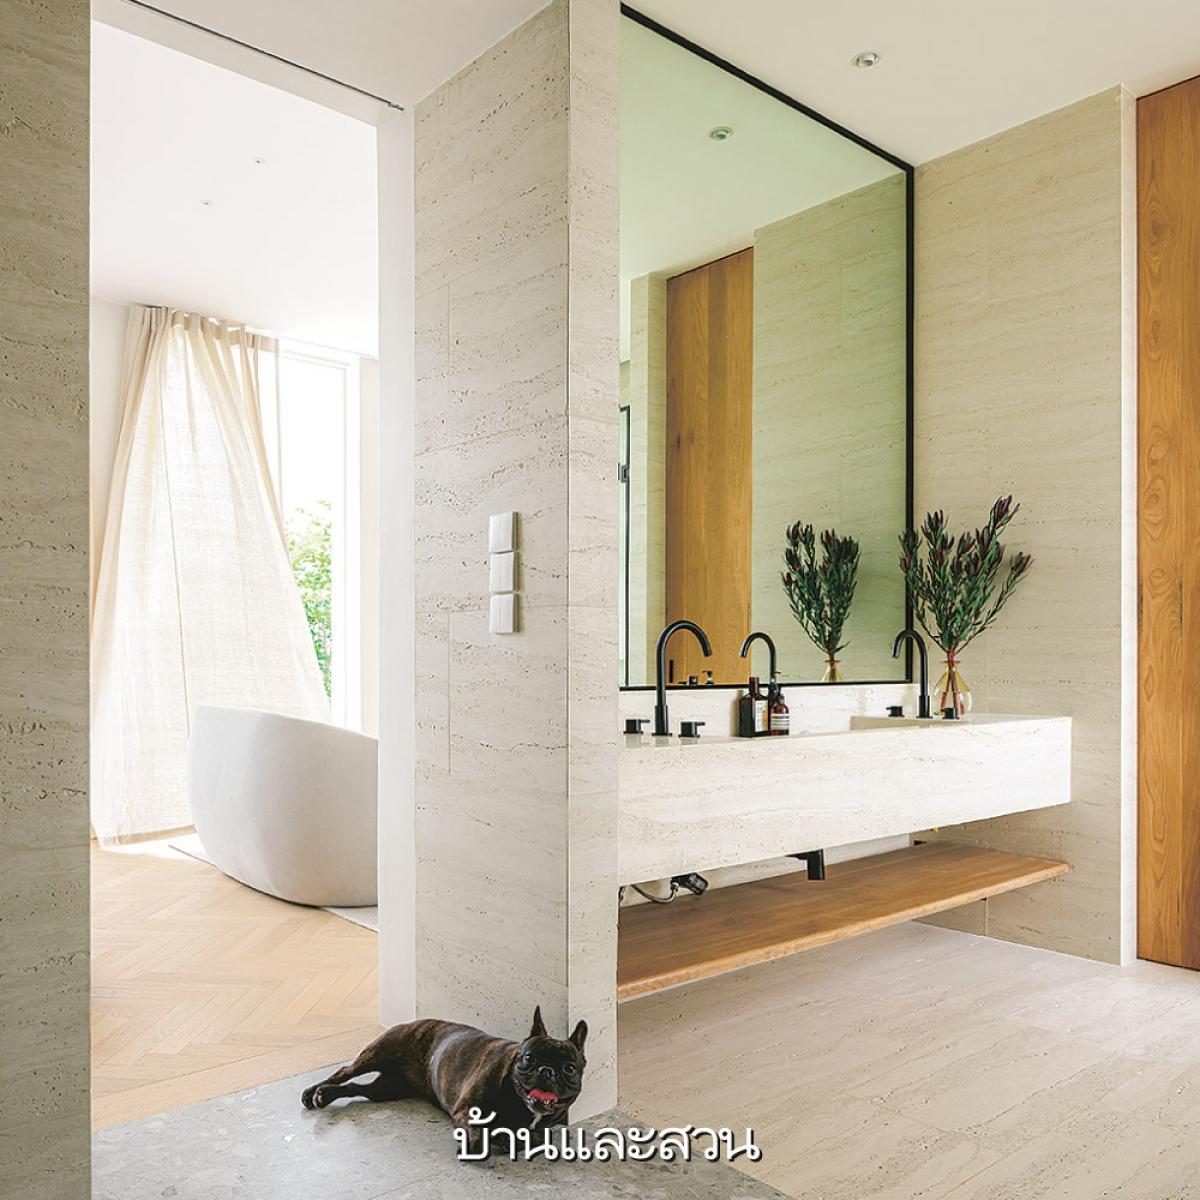 Phòng tắm được chú trọng đến từng chi tiết nhỏ, trông thật hấp dẫn và lôi cuốn bởi sự tinh tế mà nó mang lại.